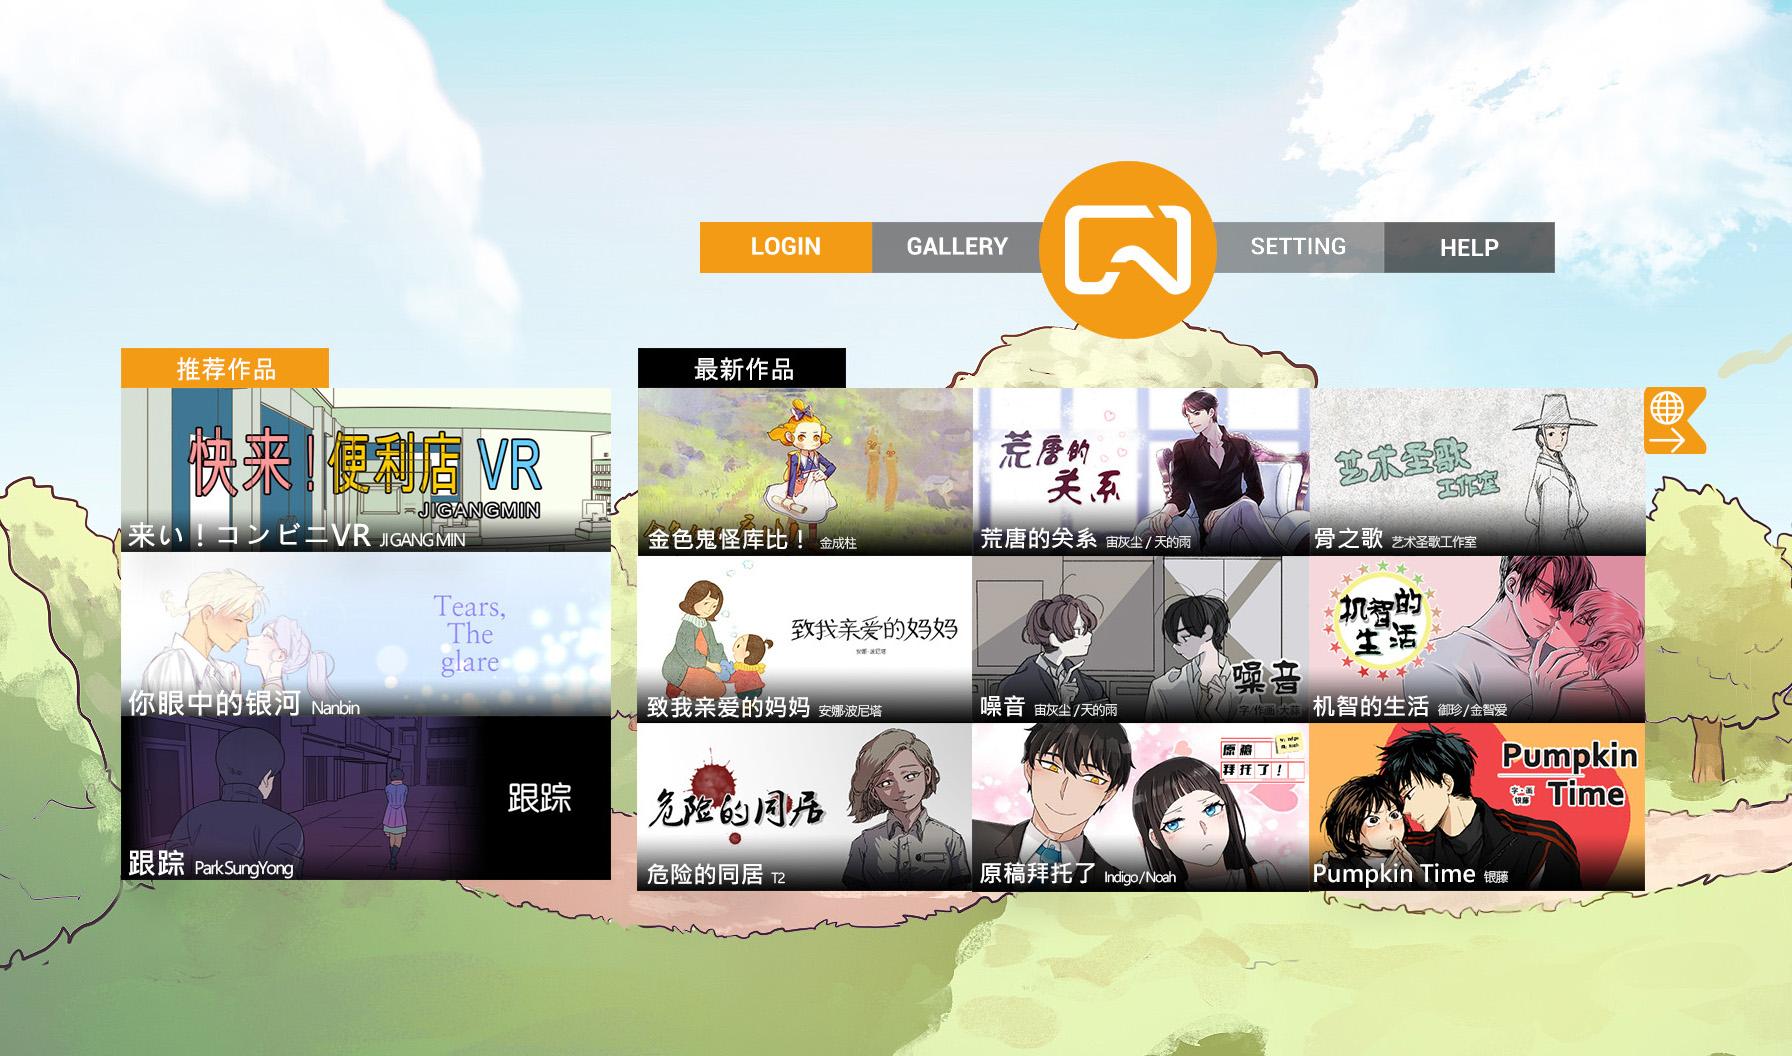 코믹스브이, 하오툰과 협력해 중국 겨냥... 오리지널 웹툰과 더불어 다양한 웹툰 중국어 서비스 선보이기로